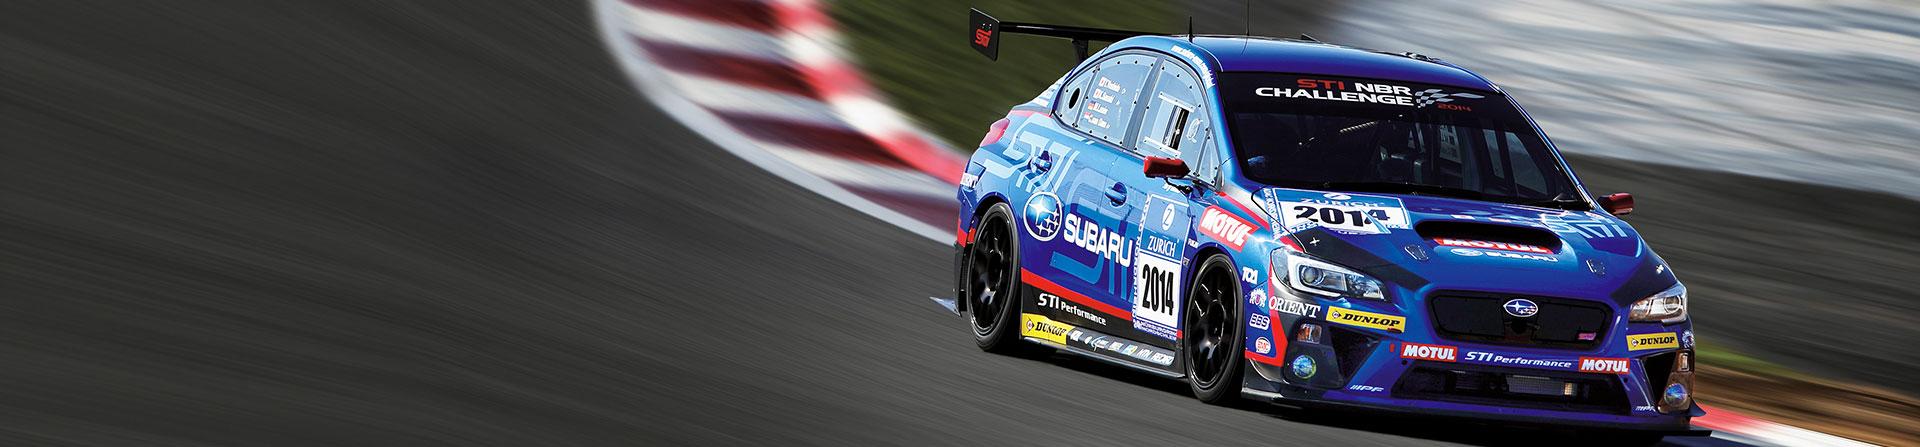 Subaru WRX STI Image 3